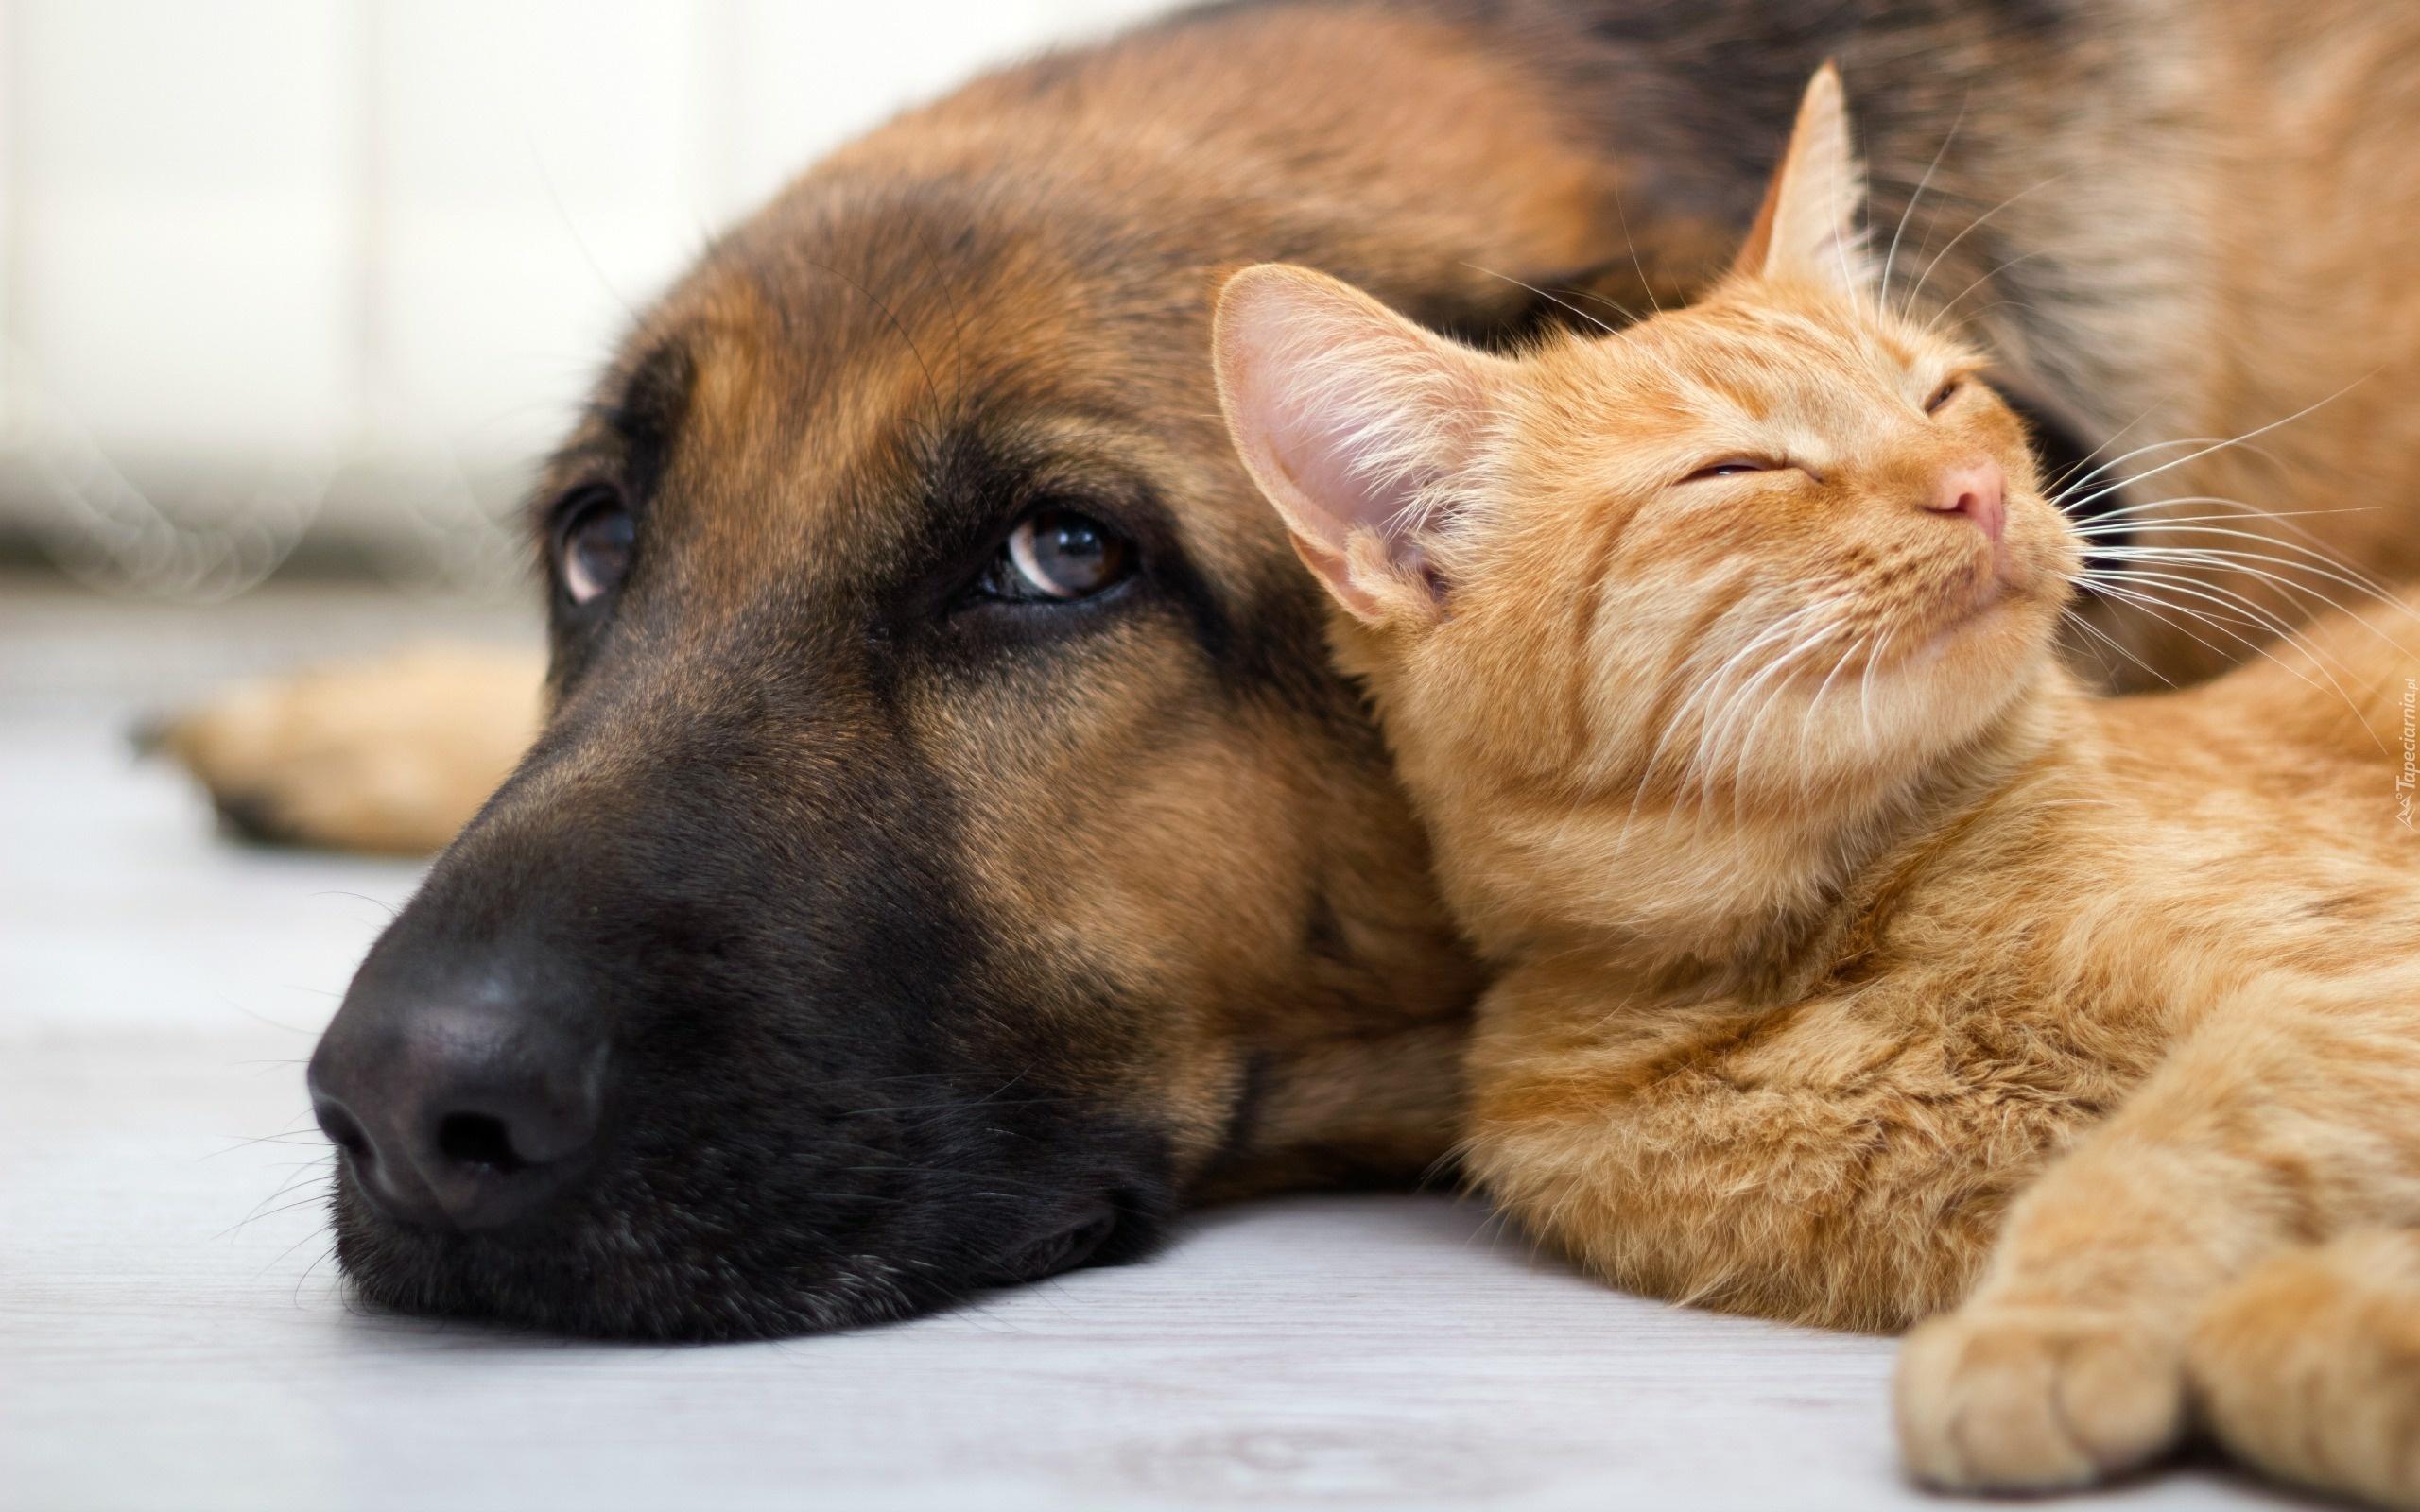 Cani e gatti, come proteggerli dagli incidenti domestici